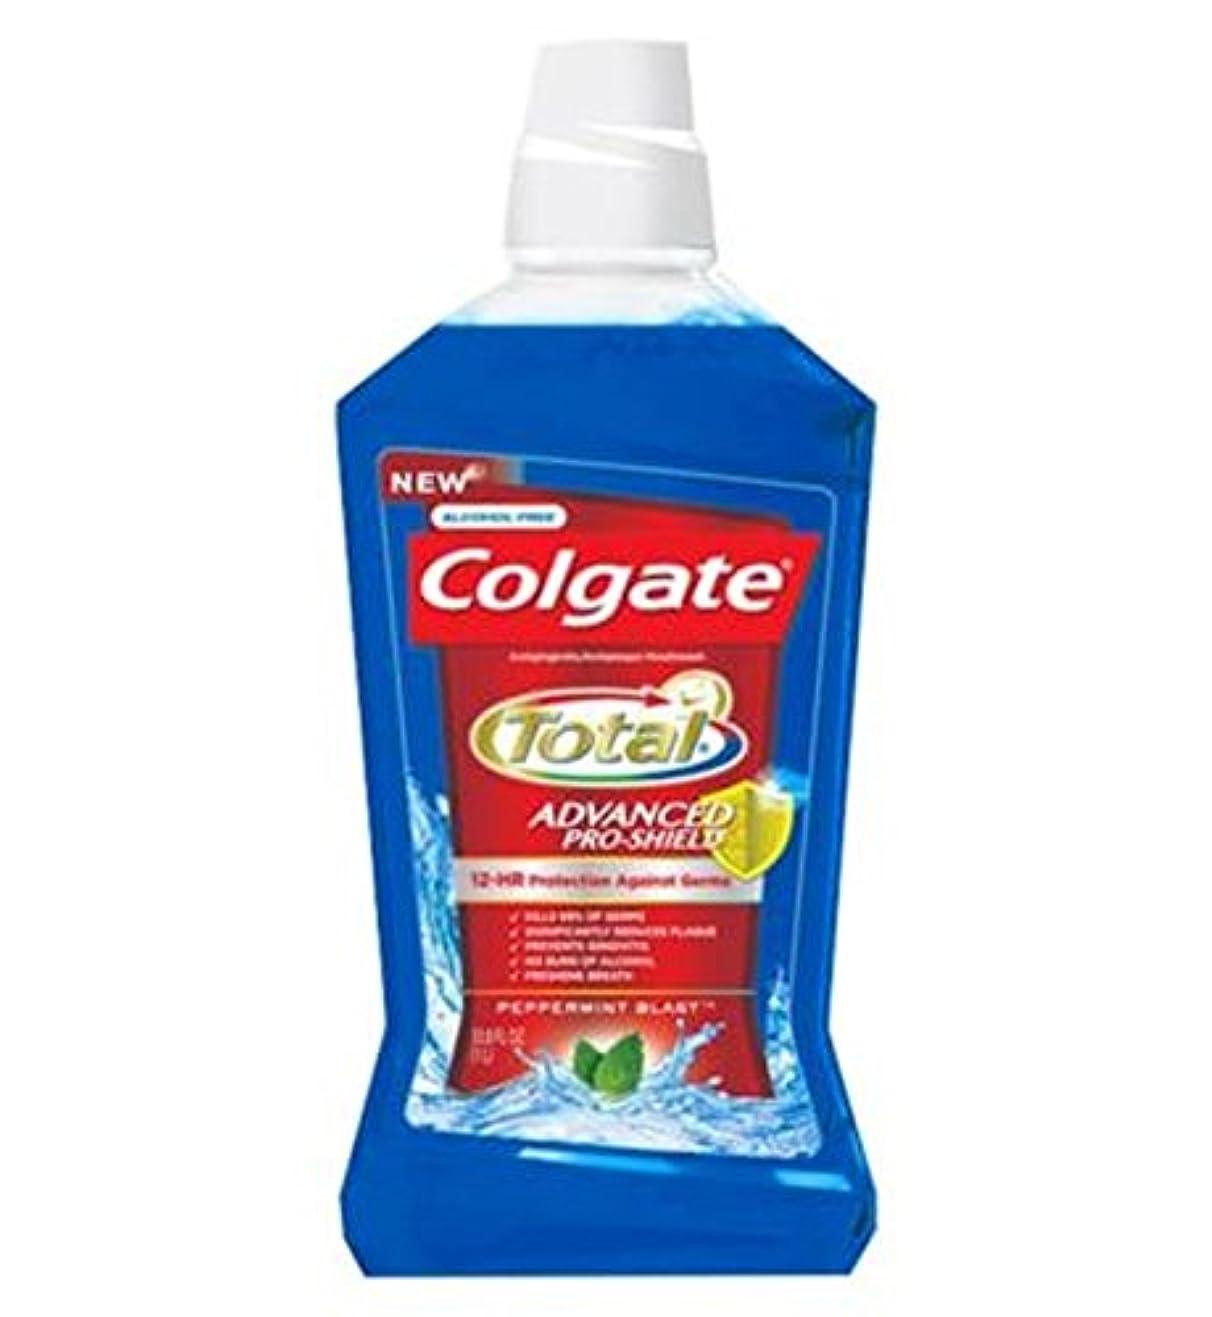 履歴書ペネロペ花瓶Colgate Mouthrinse Total Blue 500ml - コルゲートの口内洗浄剤の総ブルー500ミリリットル (Colgate) [並行輸入品]